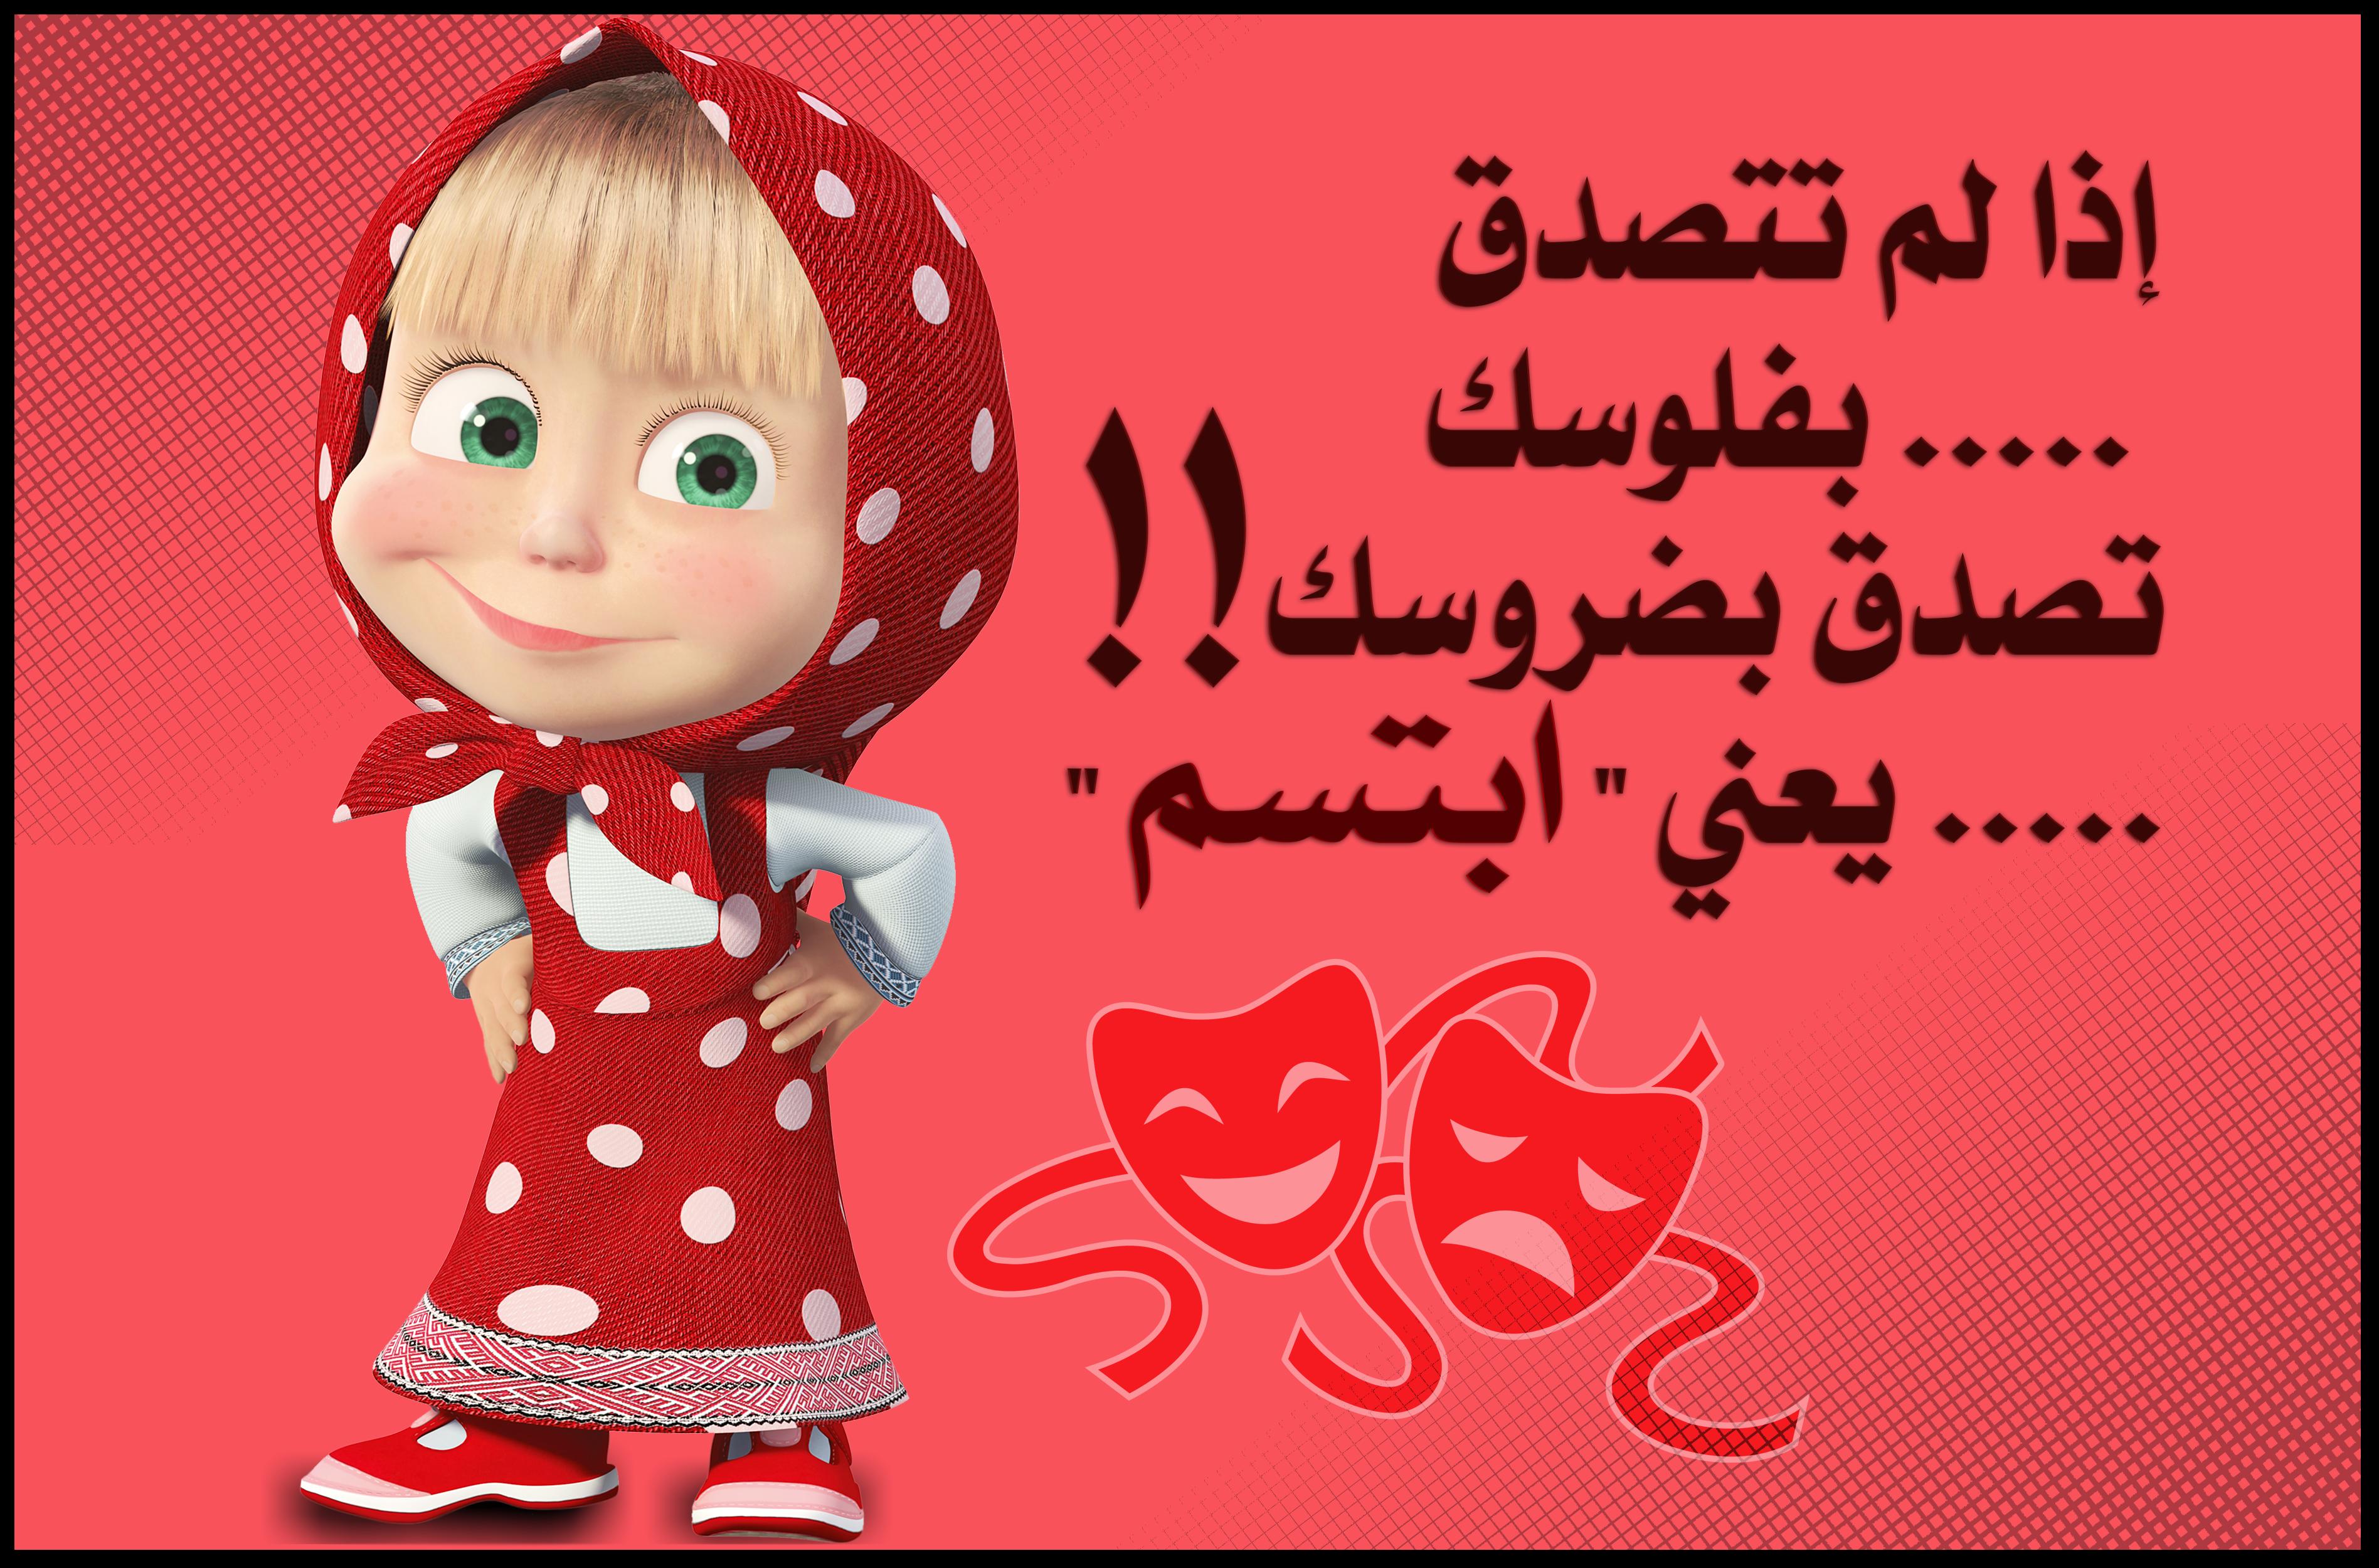 إذا لم تتصدق بفلوسك تصدق بضروسك يعني ابتسم Arabic Jokes Funny Arabic Quotes Funny